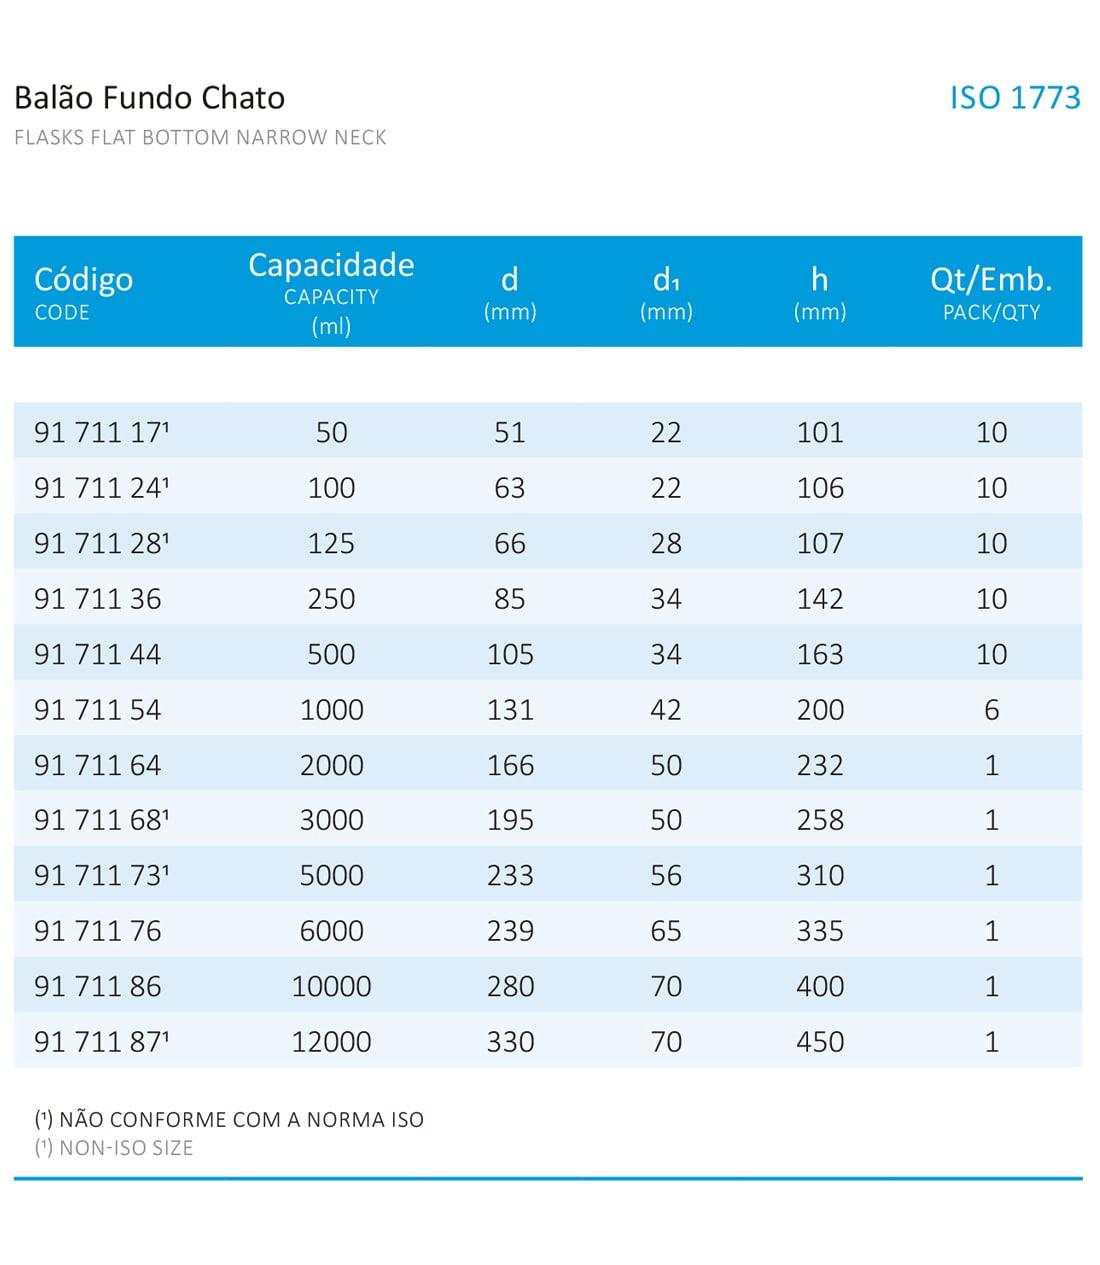 BALAO FDO. CHATO 12000 ML - Laborglas - Cód. 9171187